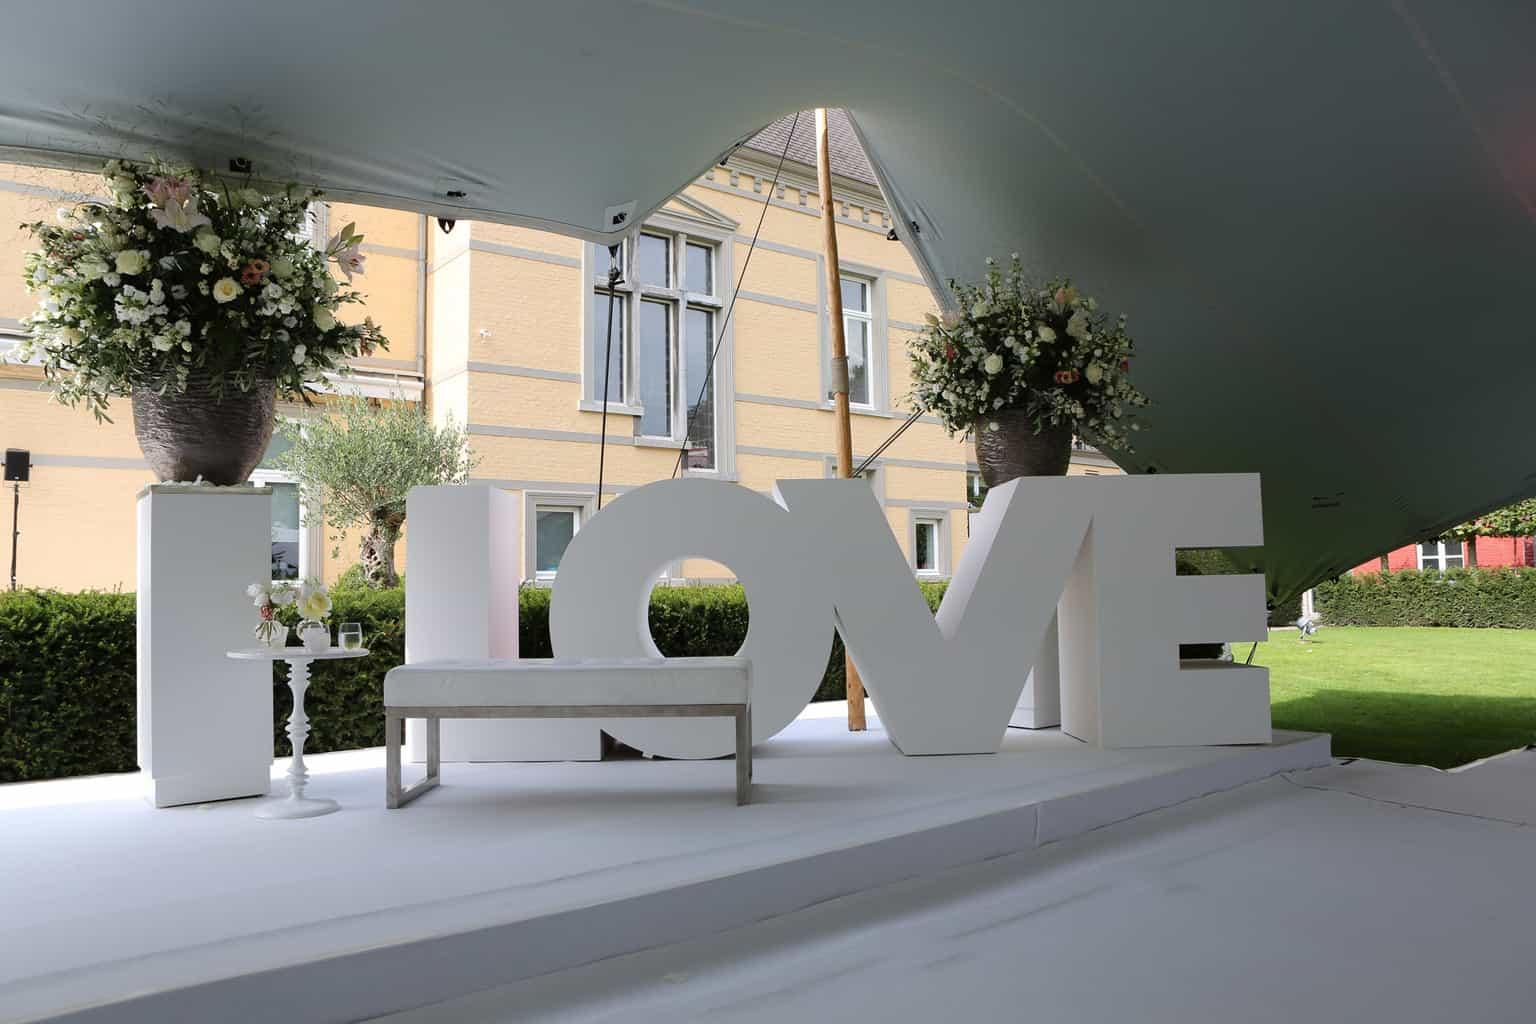 LOVE letters, ceremonie op Kasteel de Hoogenweerth, huwelijksdag, trouwen, bruiloft regelen, wedding en planning, weddingplanner